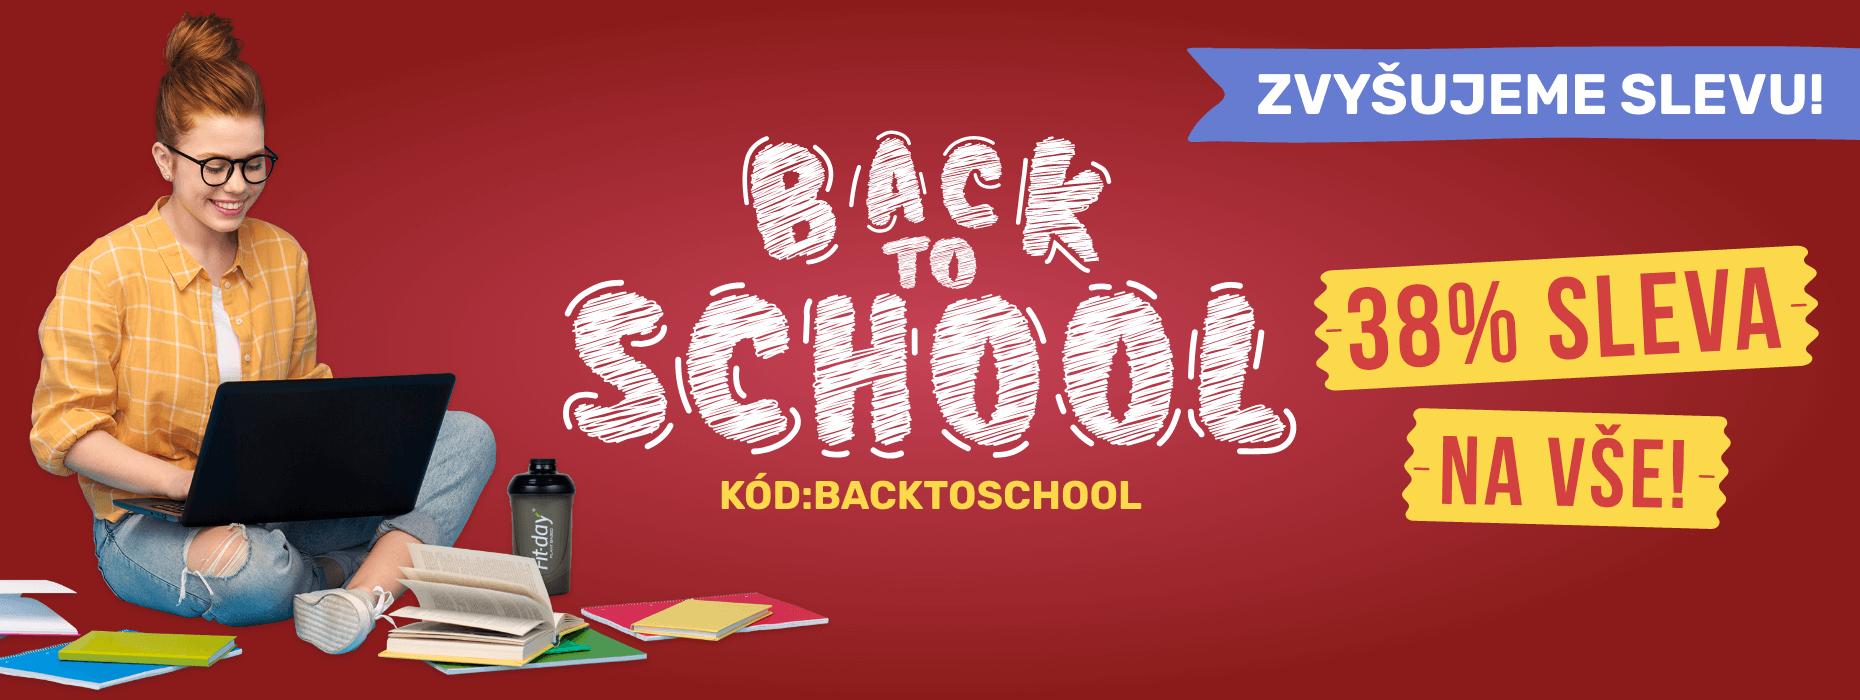 Navyšujeme slevu Back to school. Právě teď akce -38 %.